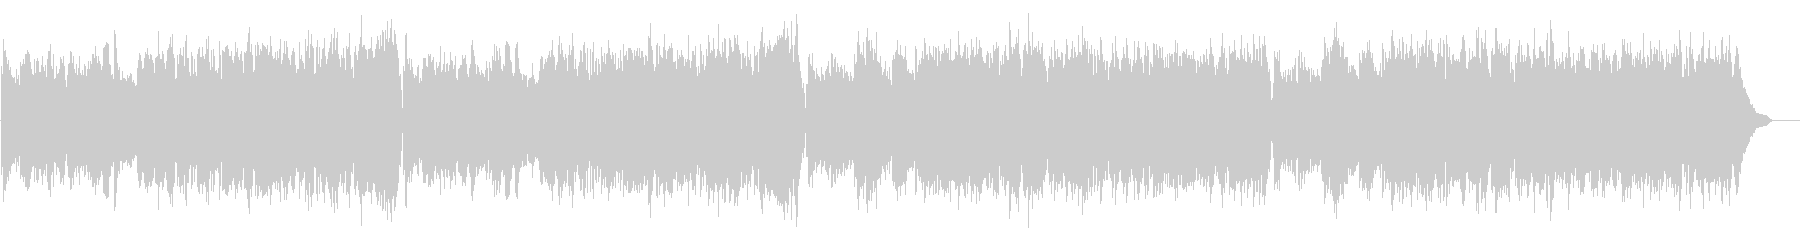 軽快で上品なチェンバロ バロック・高音質の未再生の波形